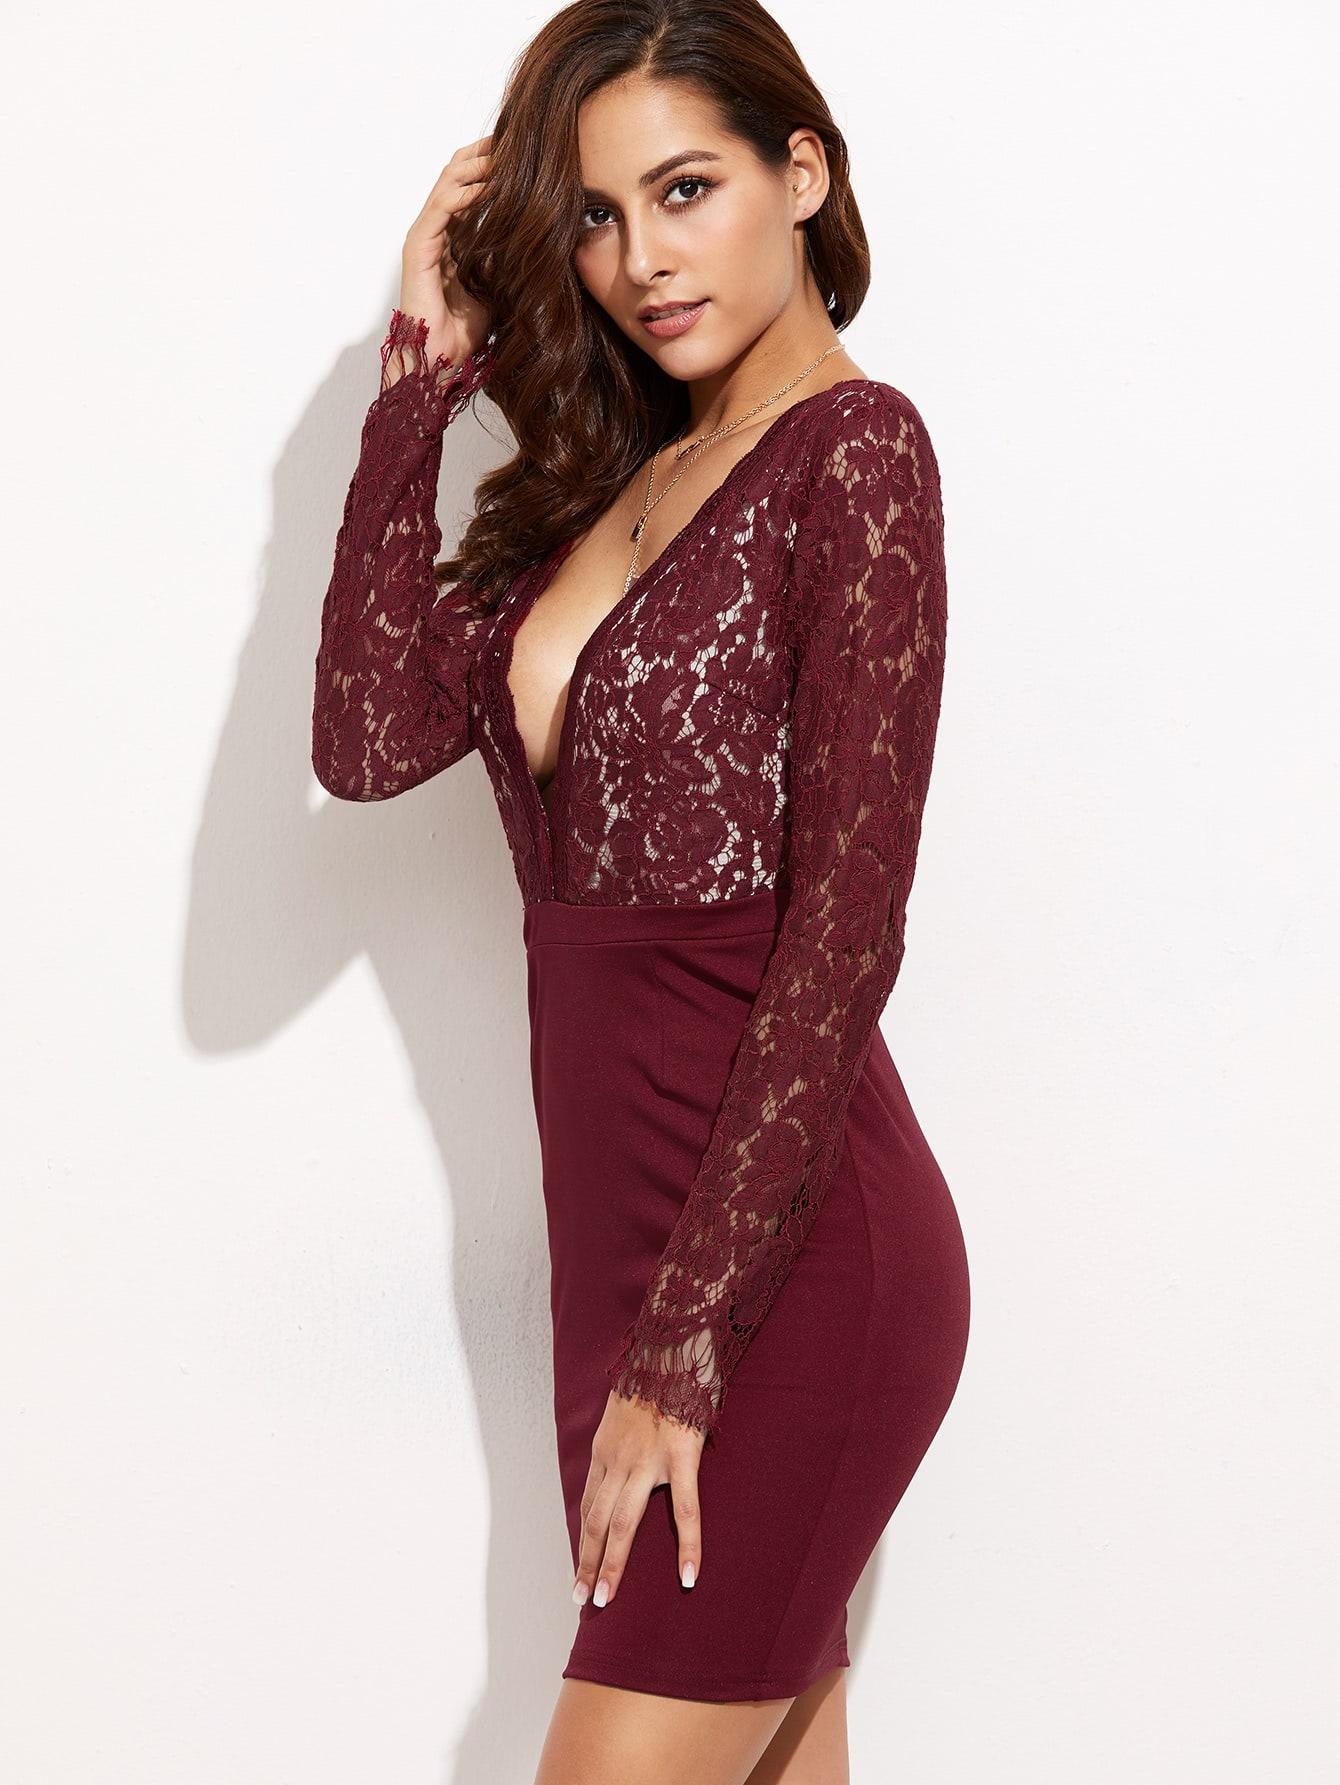 dress160929704_2